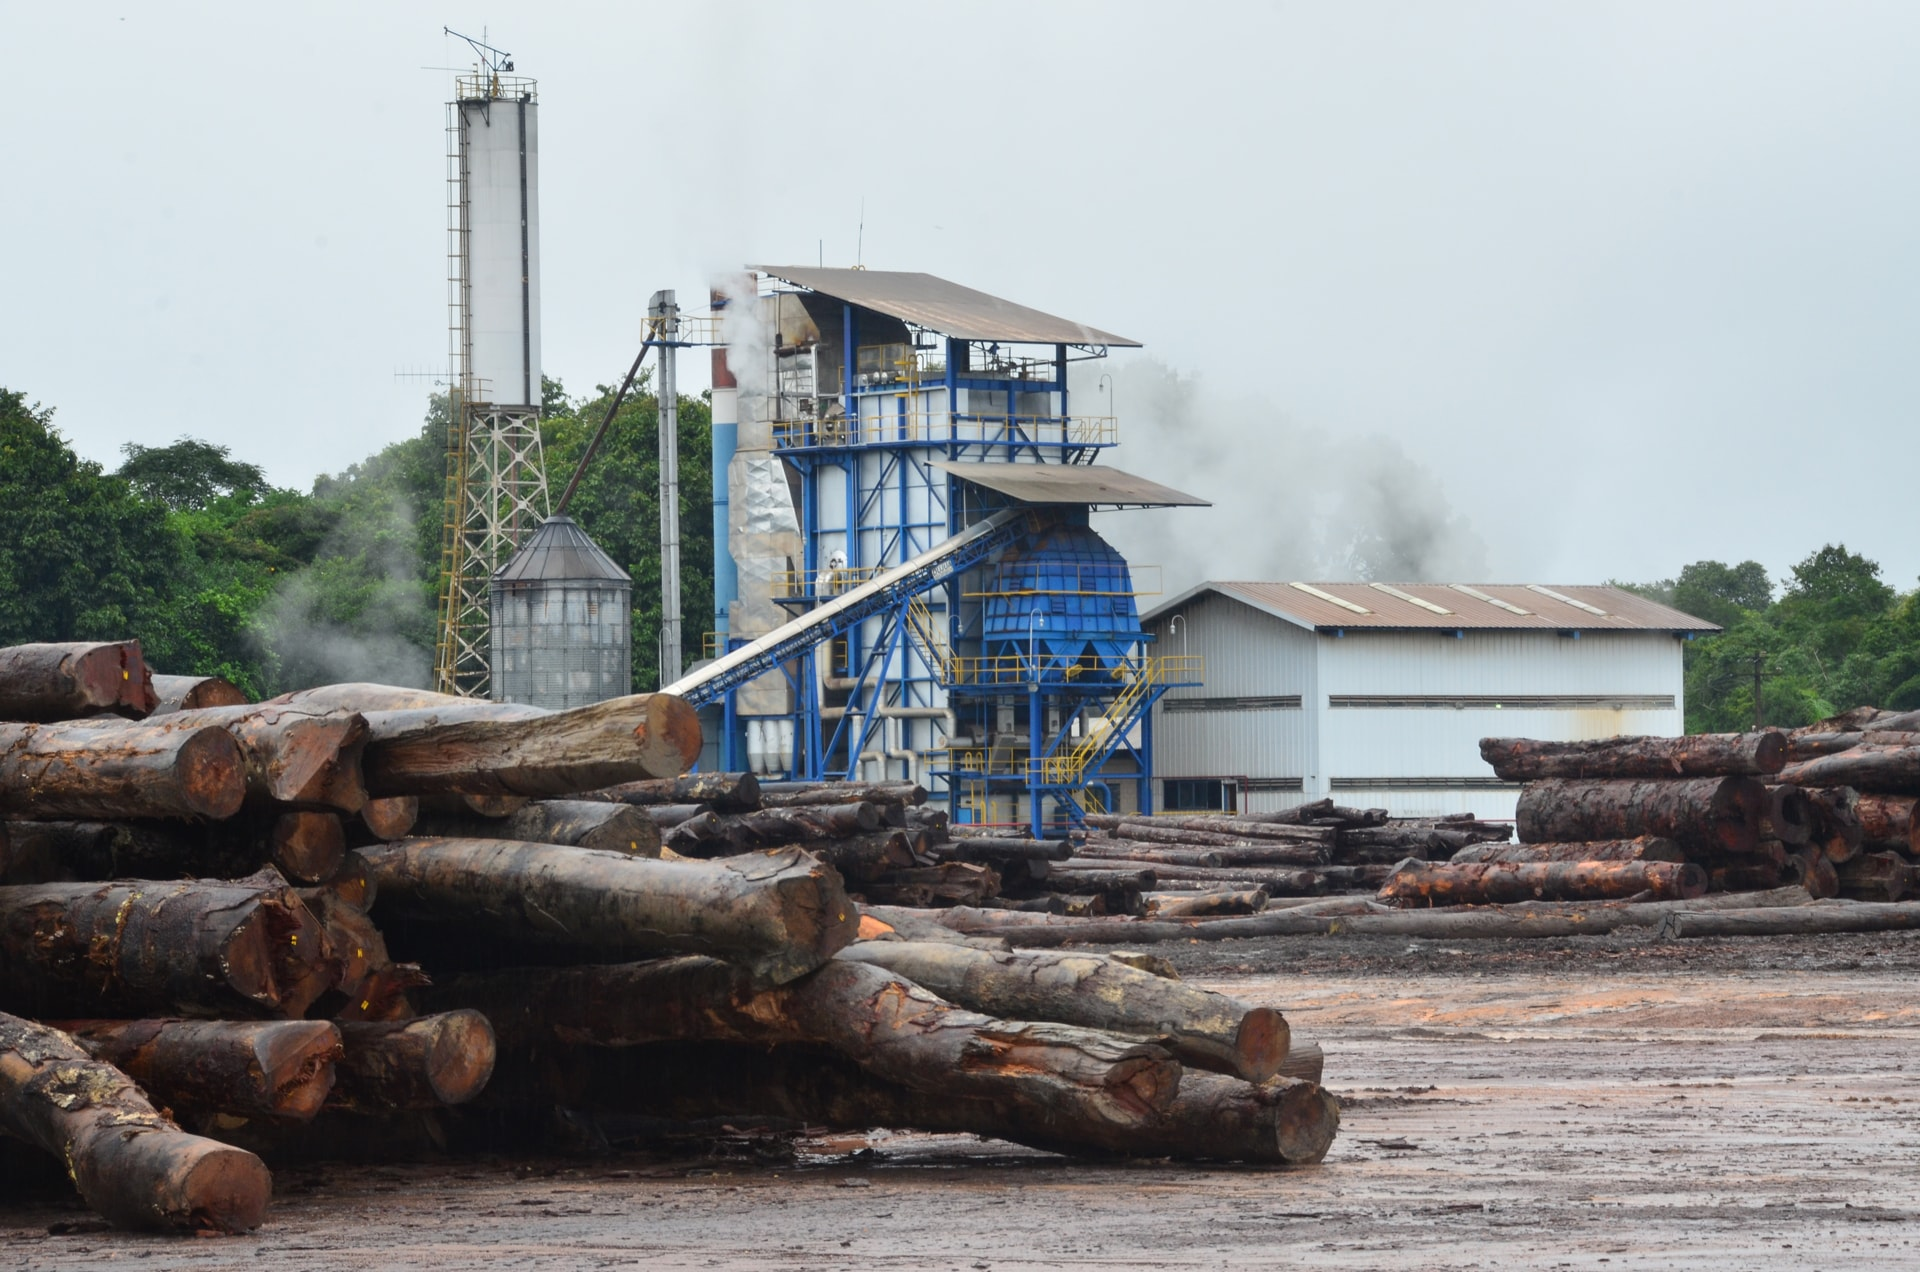 Holzfabrik